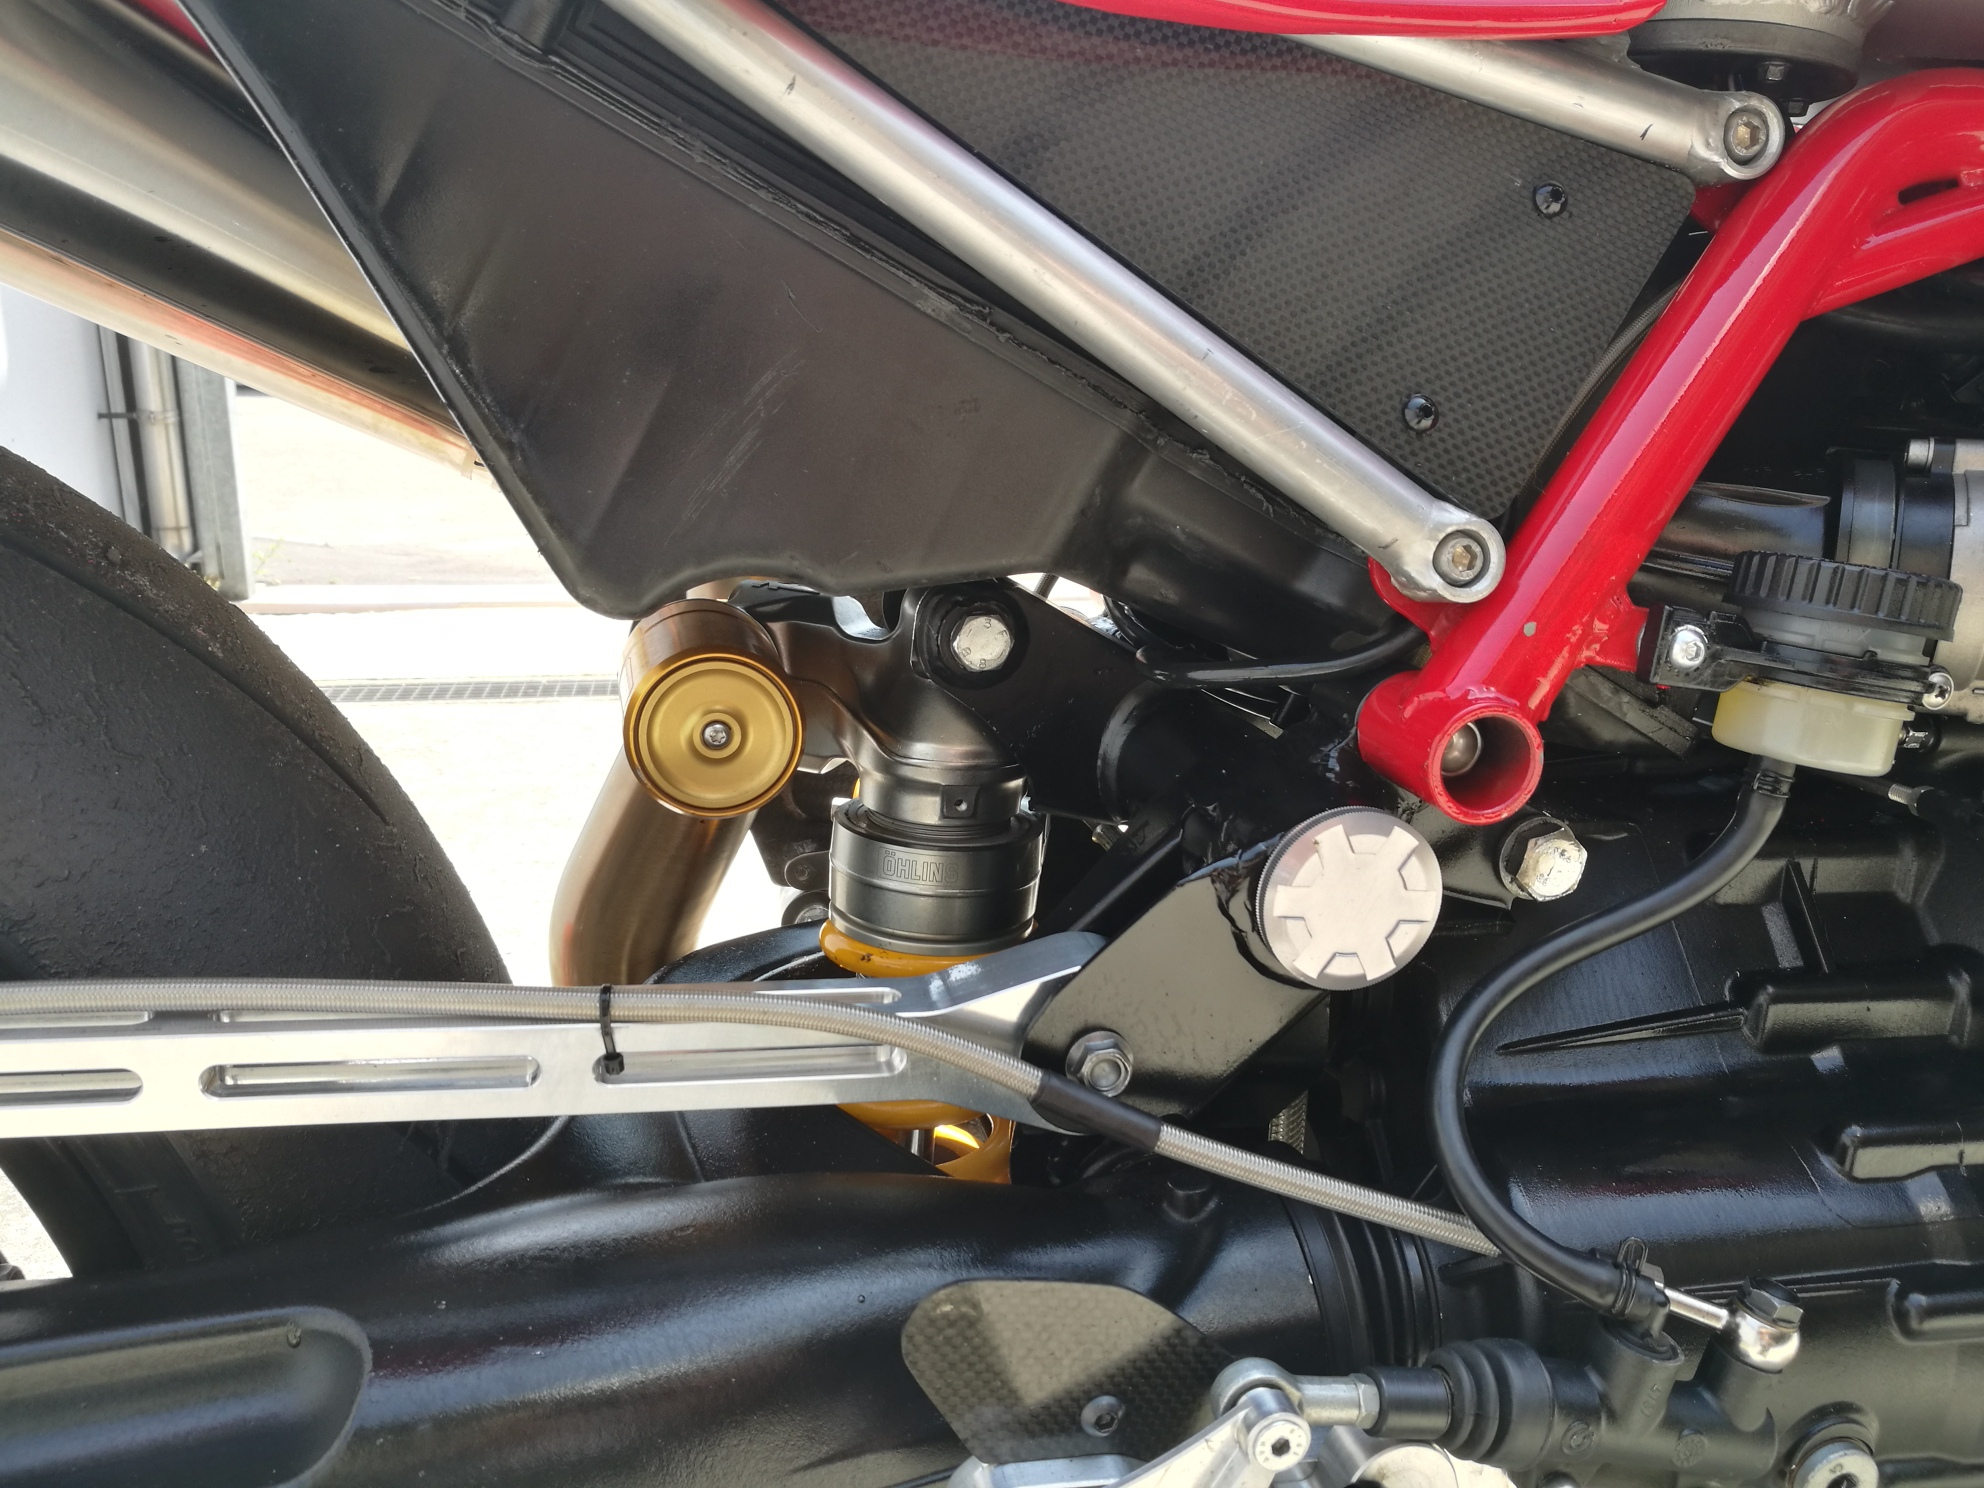 GC Corse, il Kit Varano per la Moto Guzzi - Motociclismo